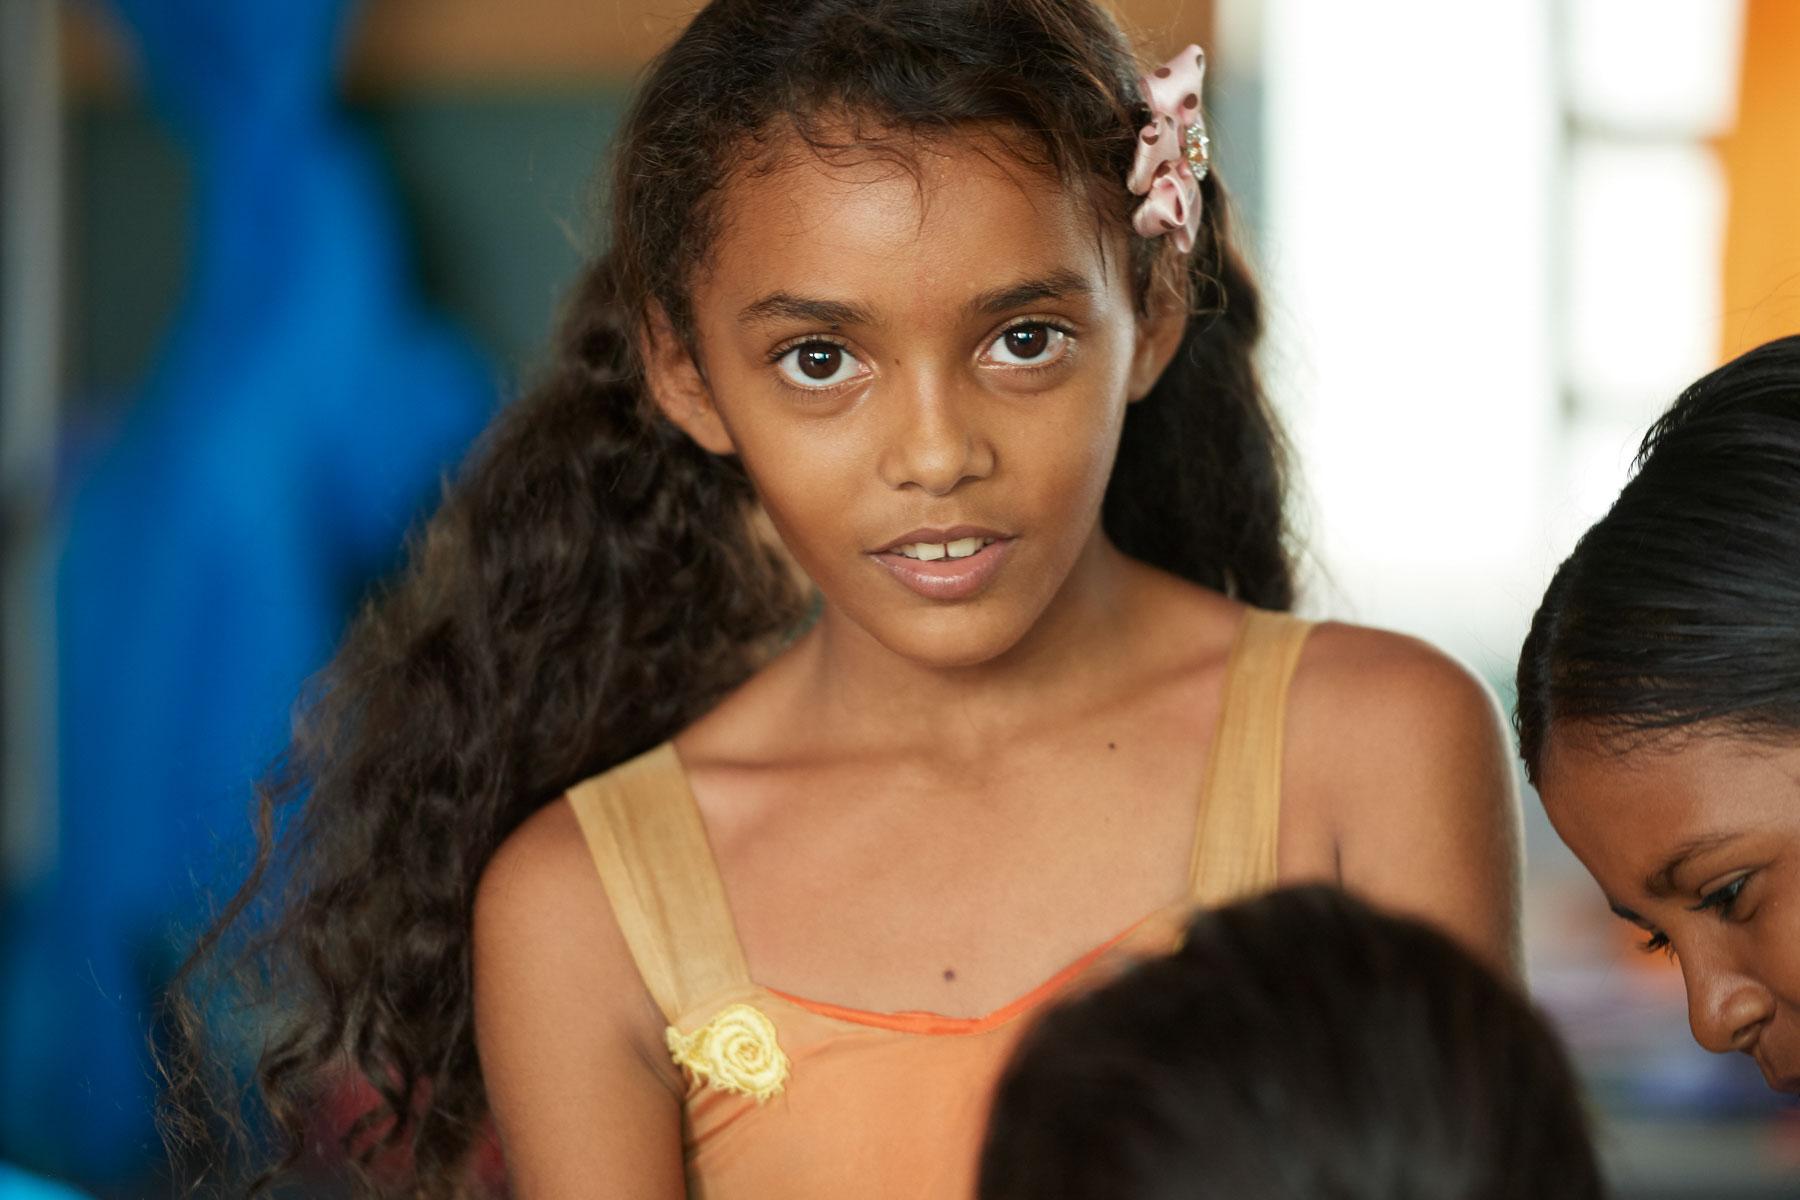 Bild eines jungen Mädchen, das in die Kamera schaut